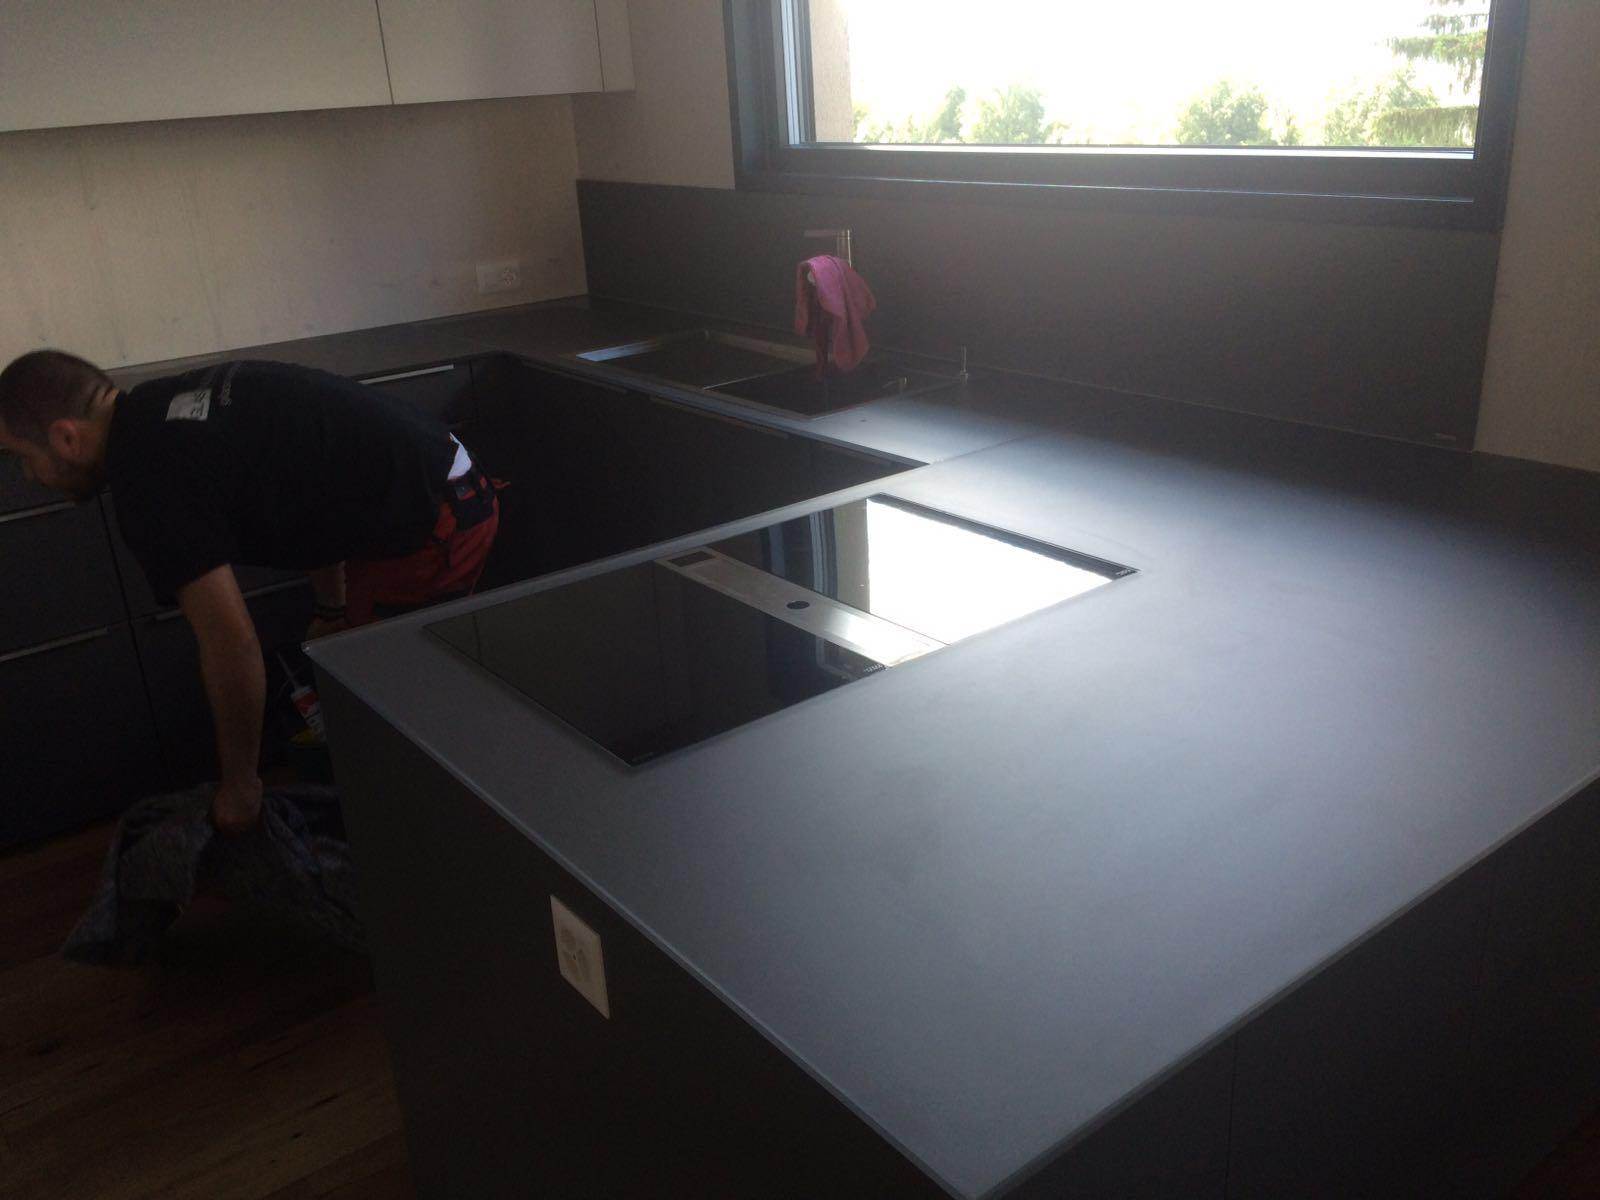 Arbeitsplatte In Der Küche. Mikrowelle Kleine Küche Spritzschutz ...